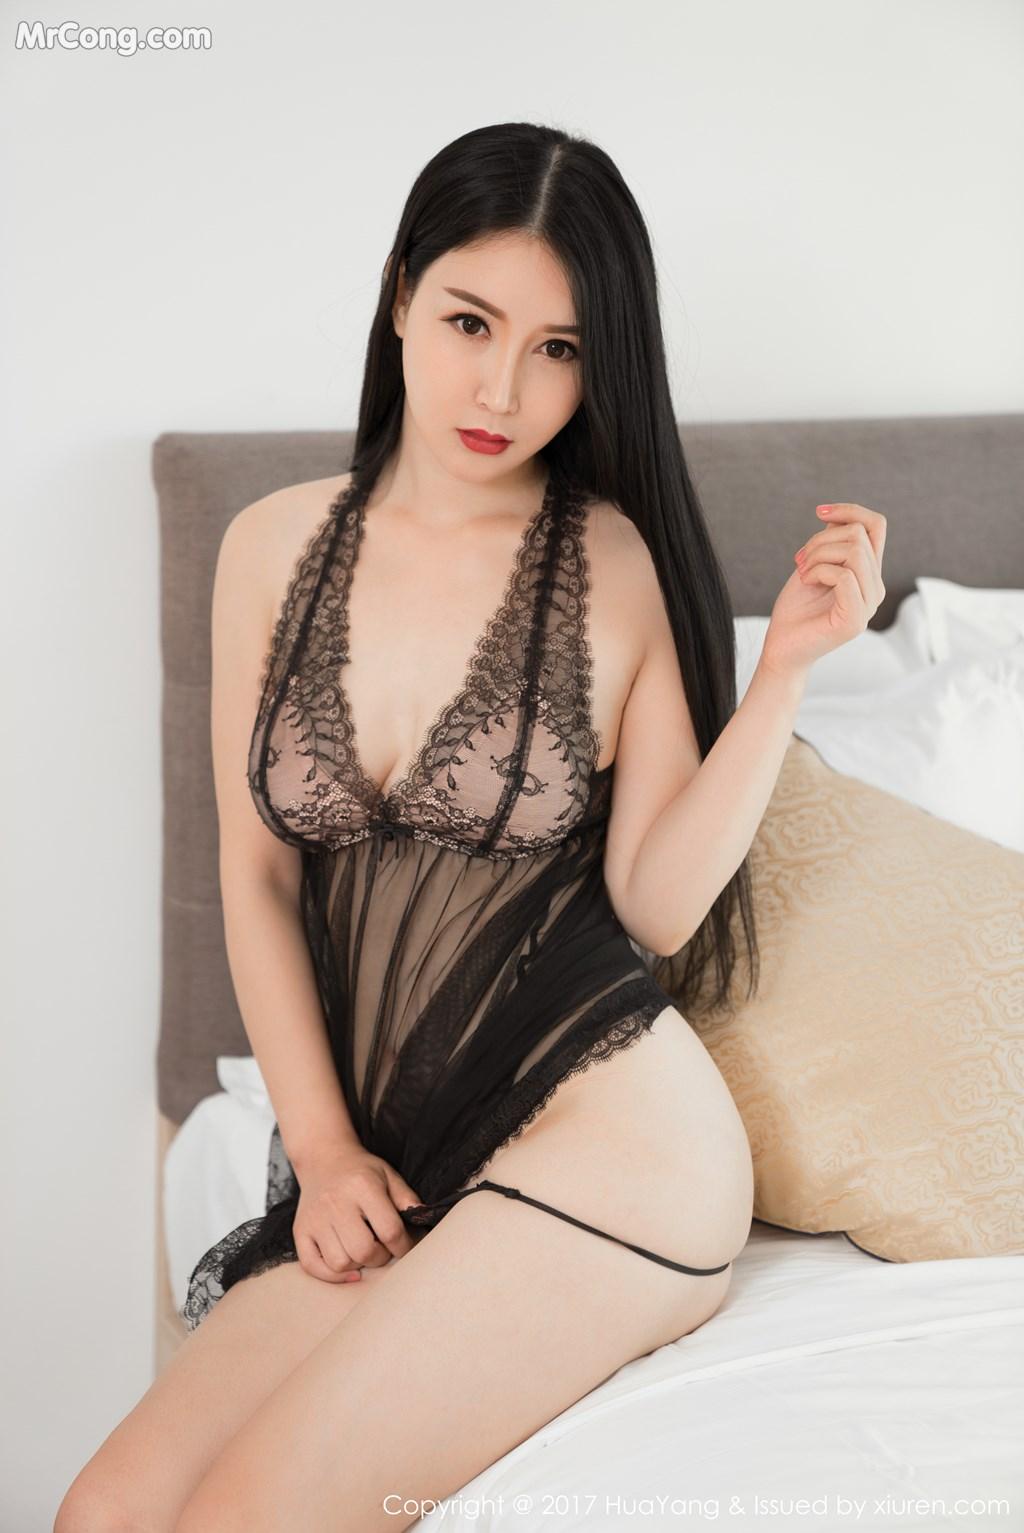 Image HuaYang-2017-12-05-Vol.017-Gu-Xinyi-MrCong.com-001 in post HuaYang 2017-12-05 Vol.017: Người mẫu Gu Xinyi (顾欣怡) (44 ảnh)